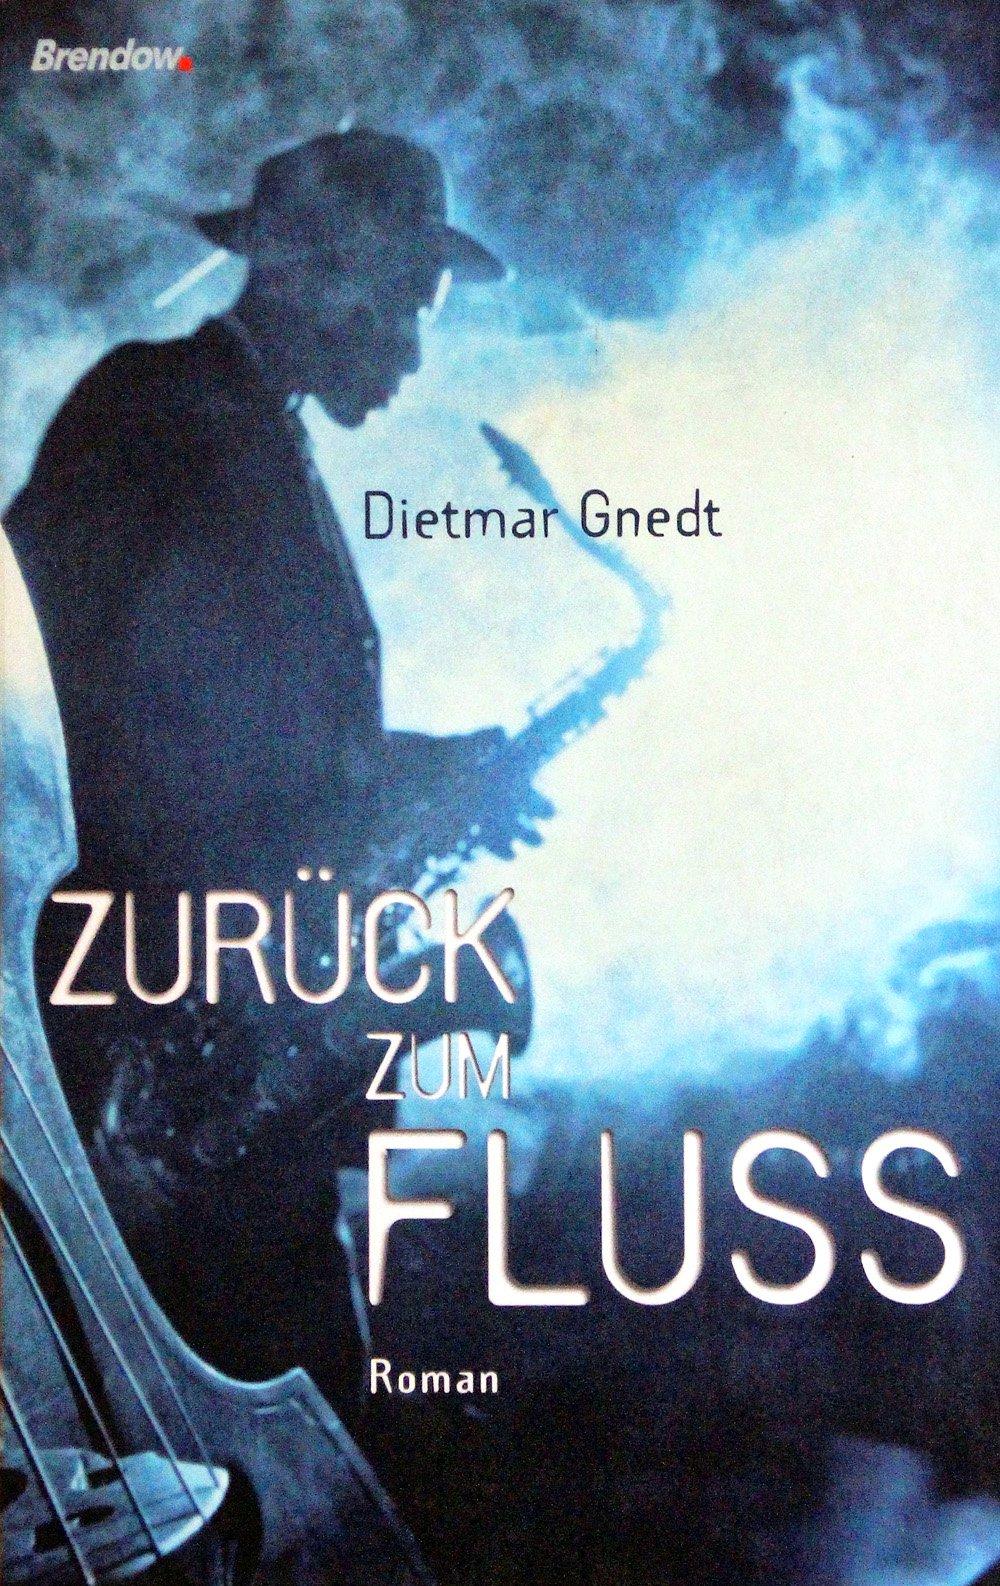 Roman: Zurück zum FLuss